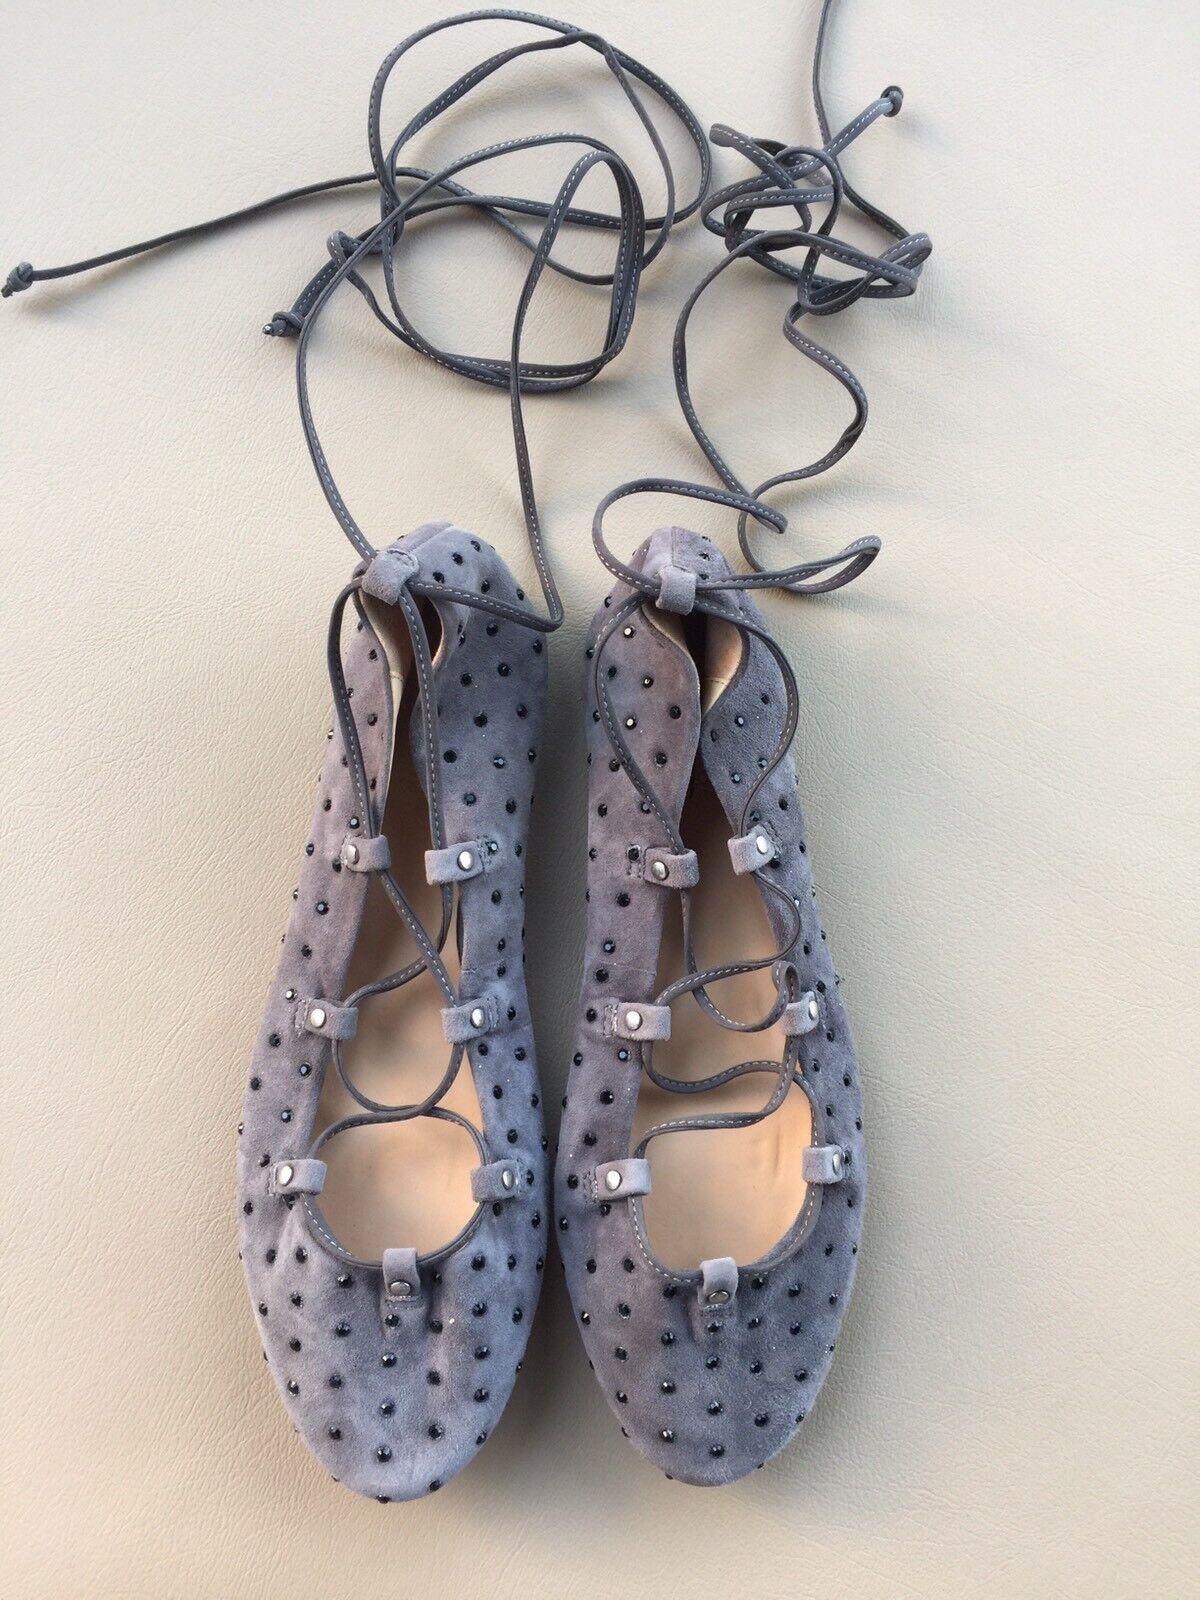 Jcrew  228 tachonados de Ante con Cordones Cordones Cordones Ballet Zapatos sin Taco Sin 7 e5043 Heron gris Nuevo  deportes calientes